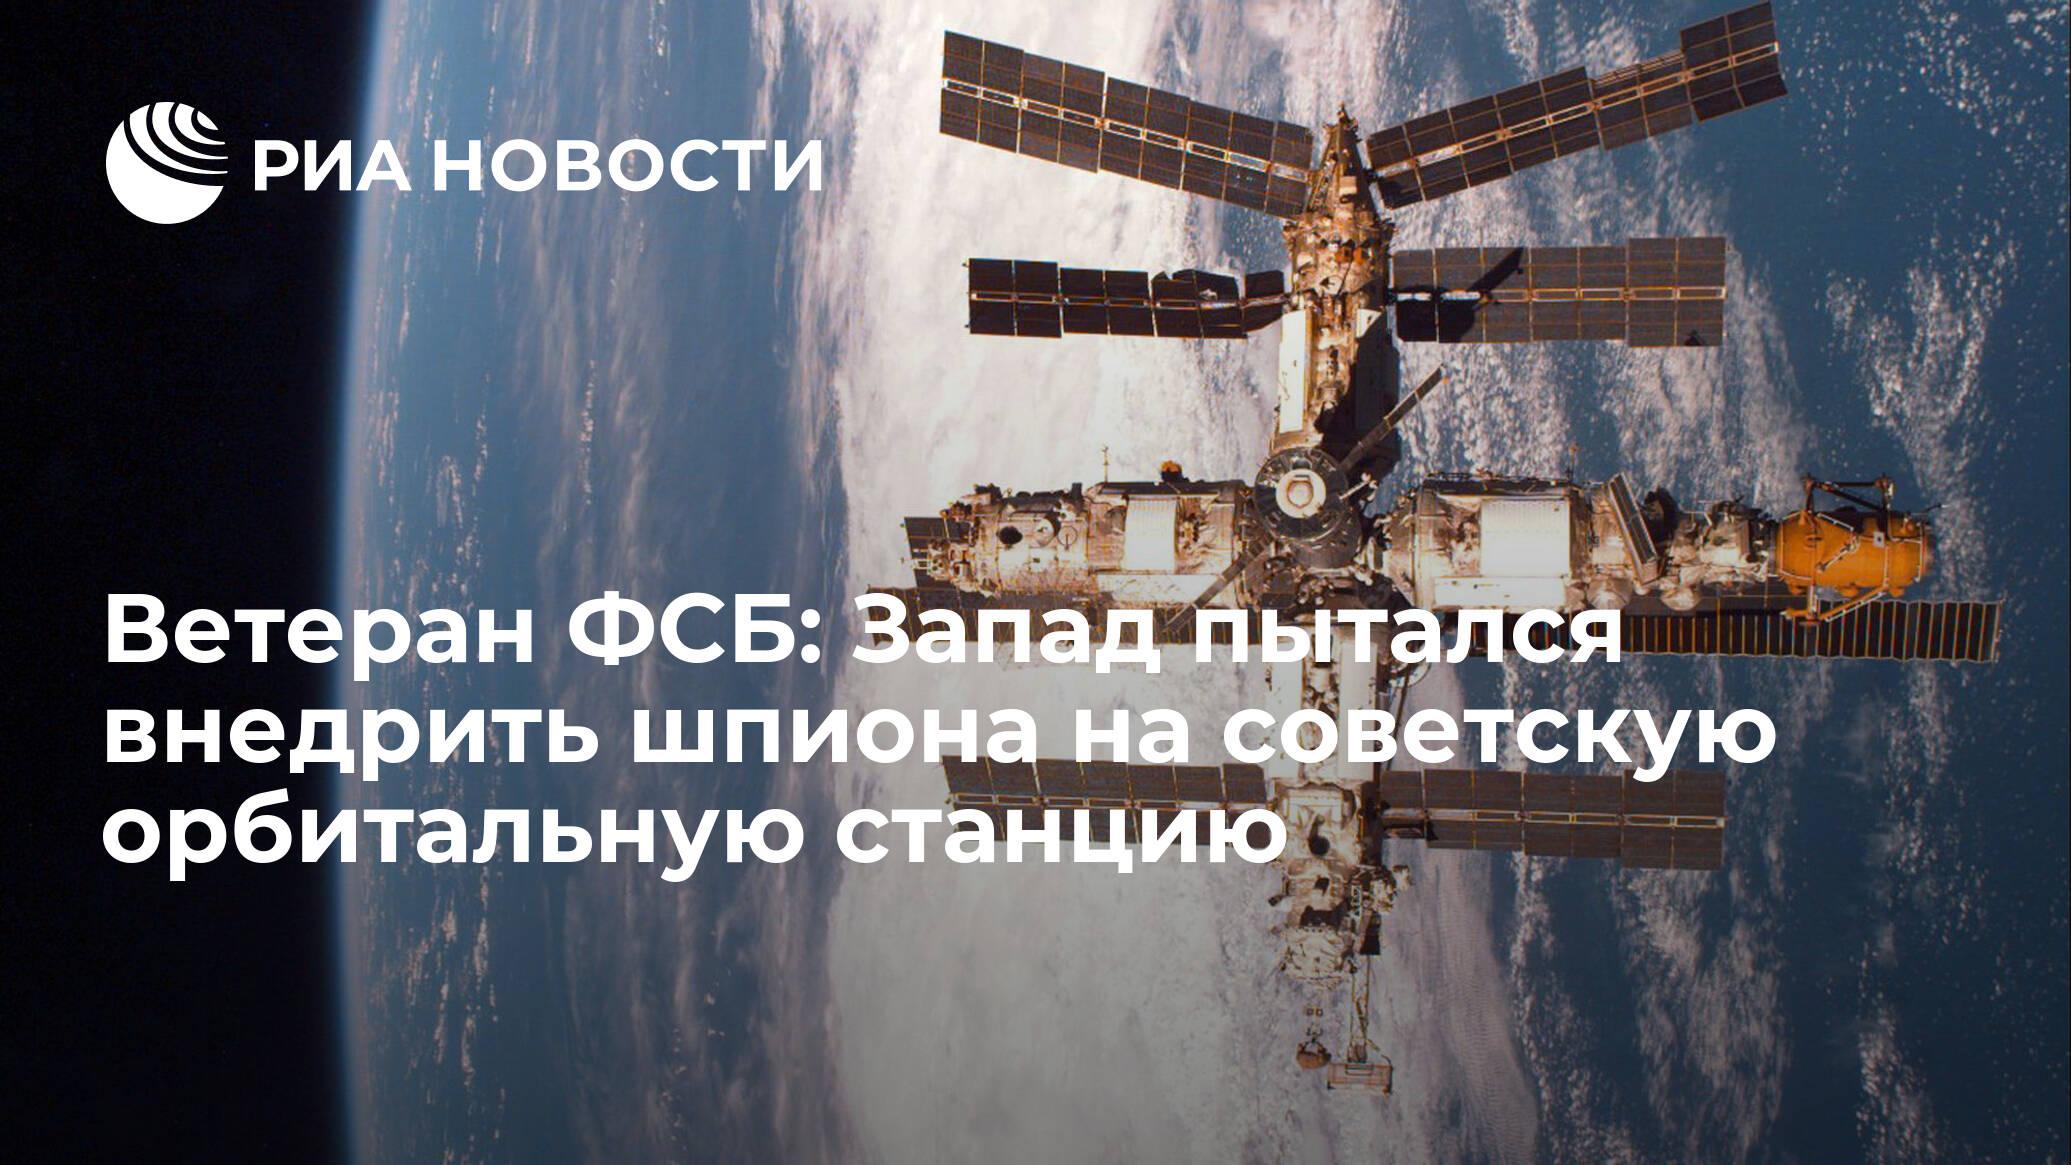 Ветеран ФСБ: Запад пытался внедрить шпиона на советскую орбитальную станцию